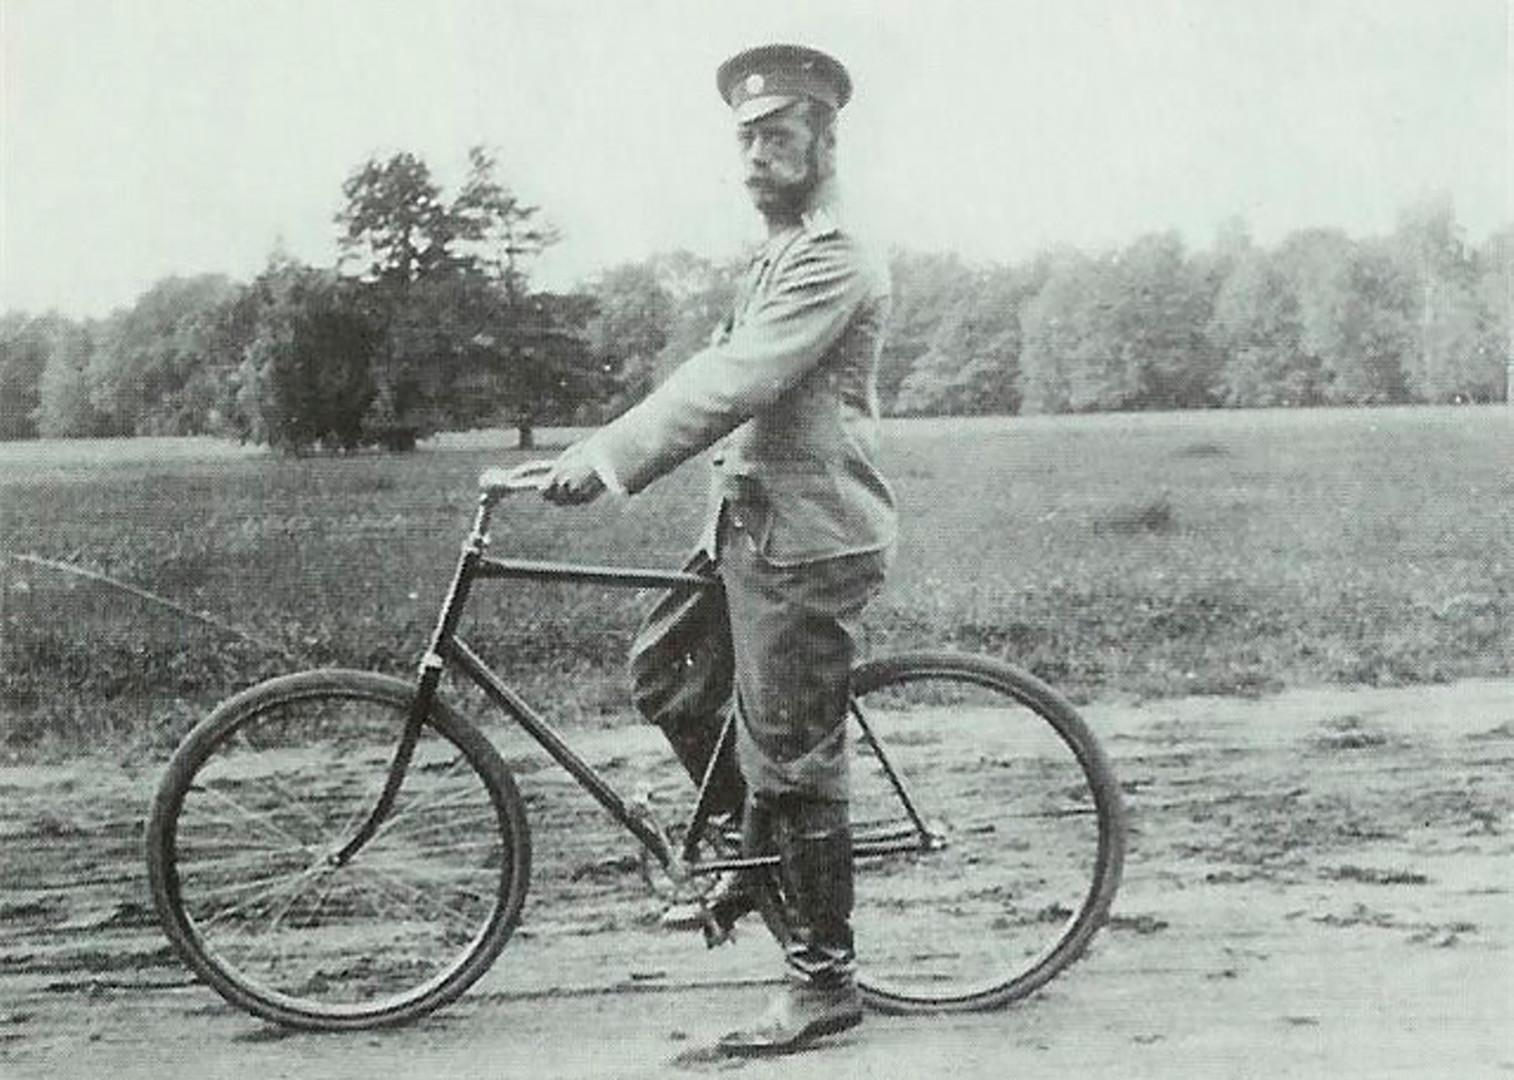 NIkolay II sedang bersepeda.